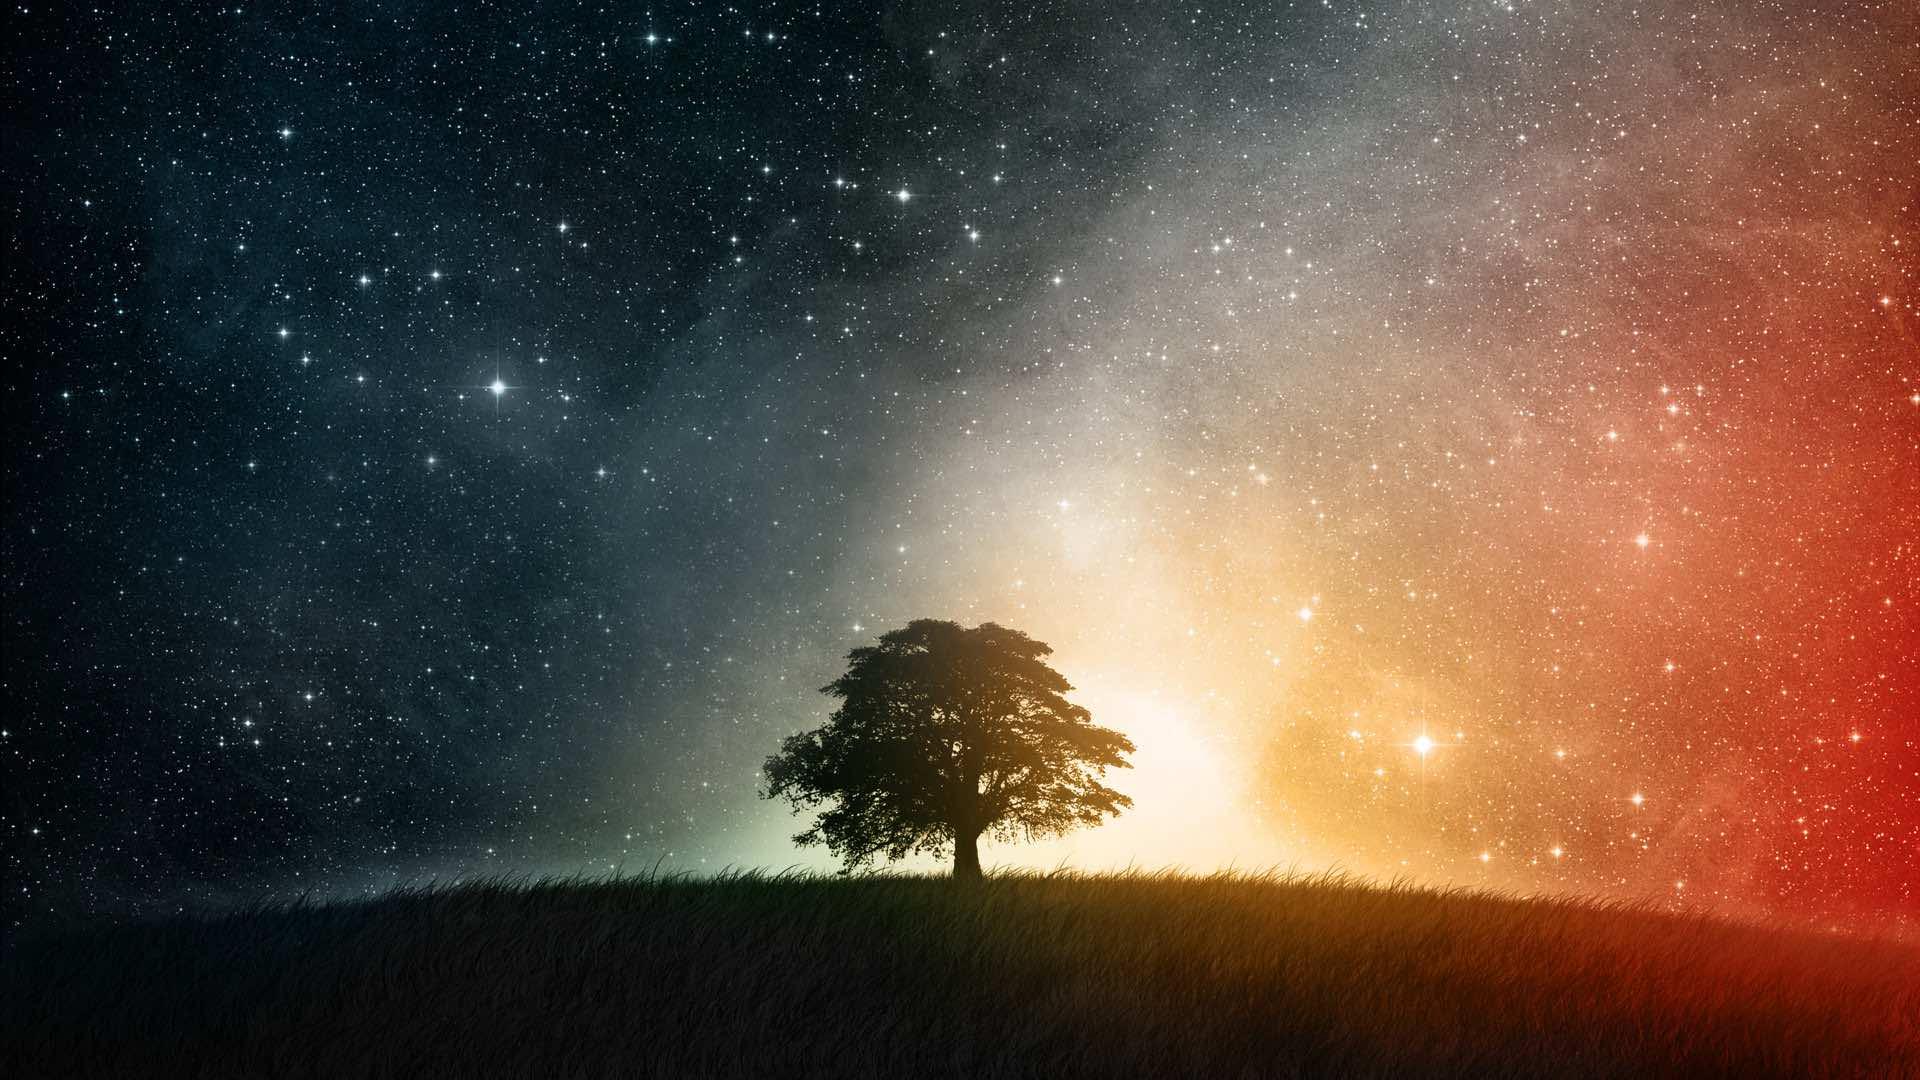 Unduh 700 Koleksi Wallpaper Hp Galaxy Gratis Terbaru